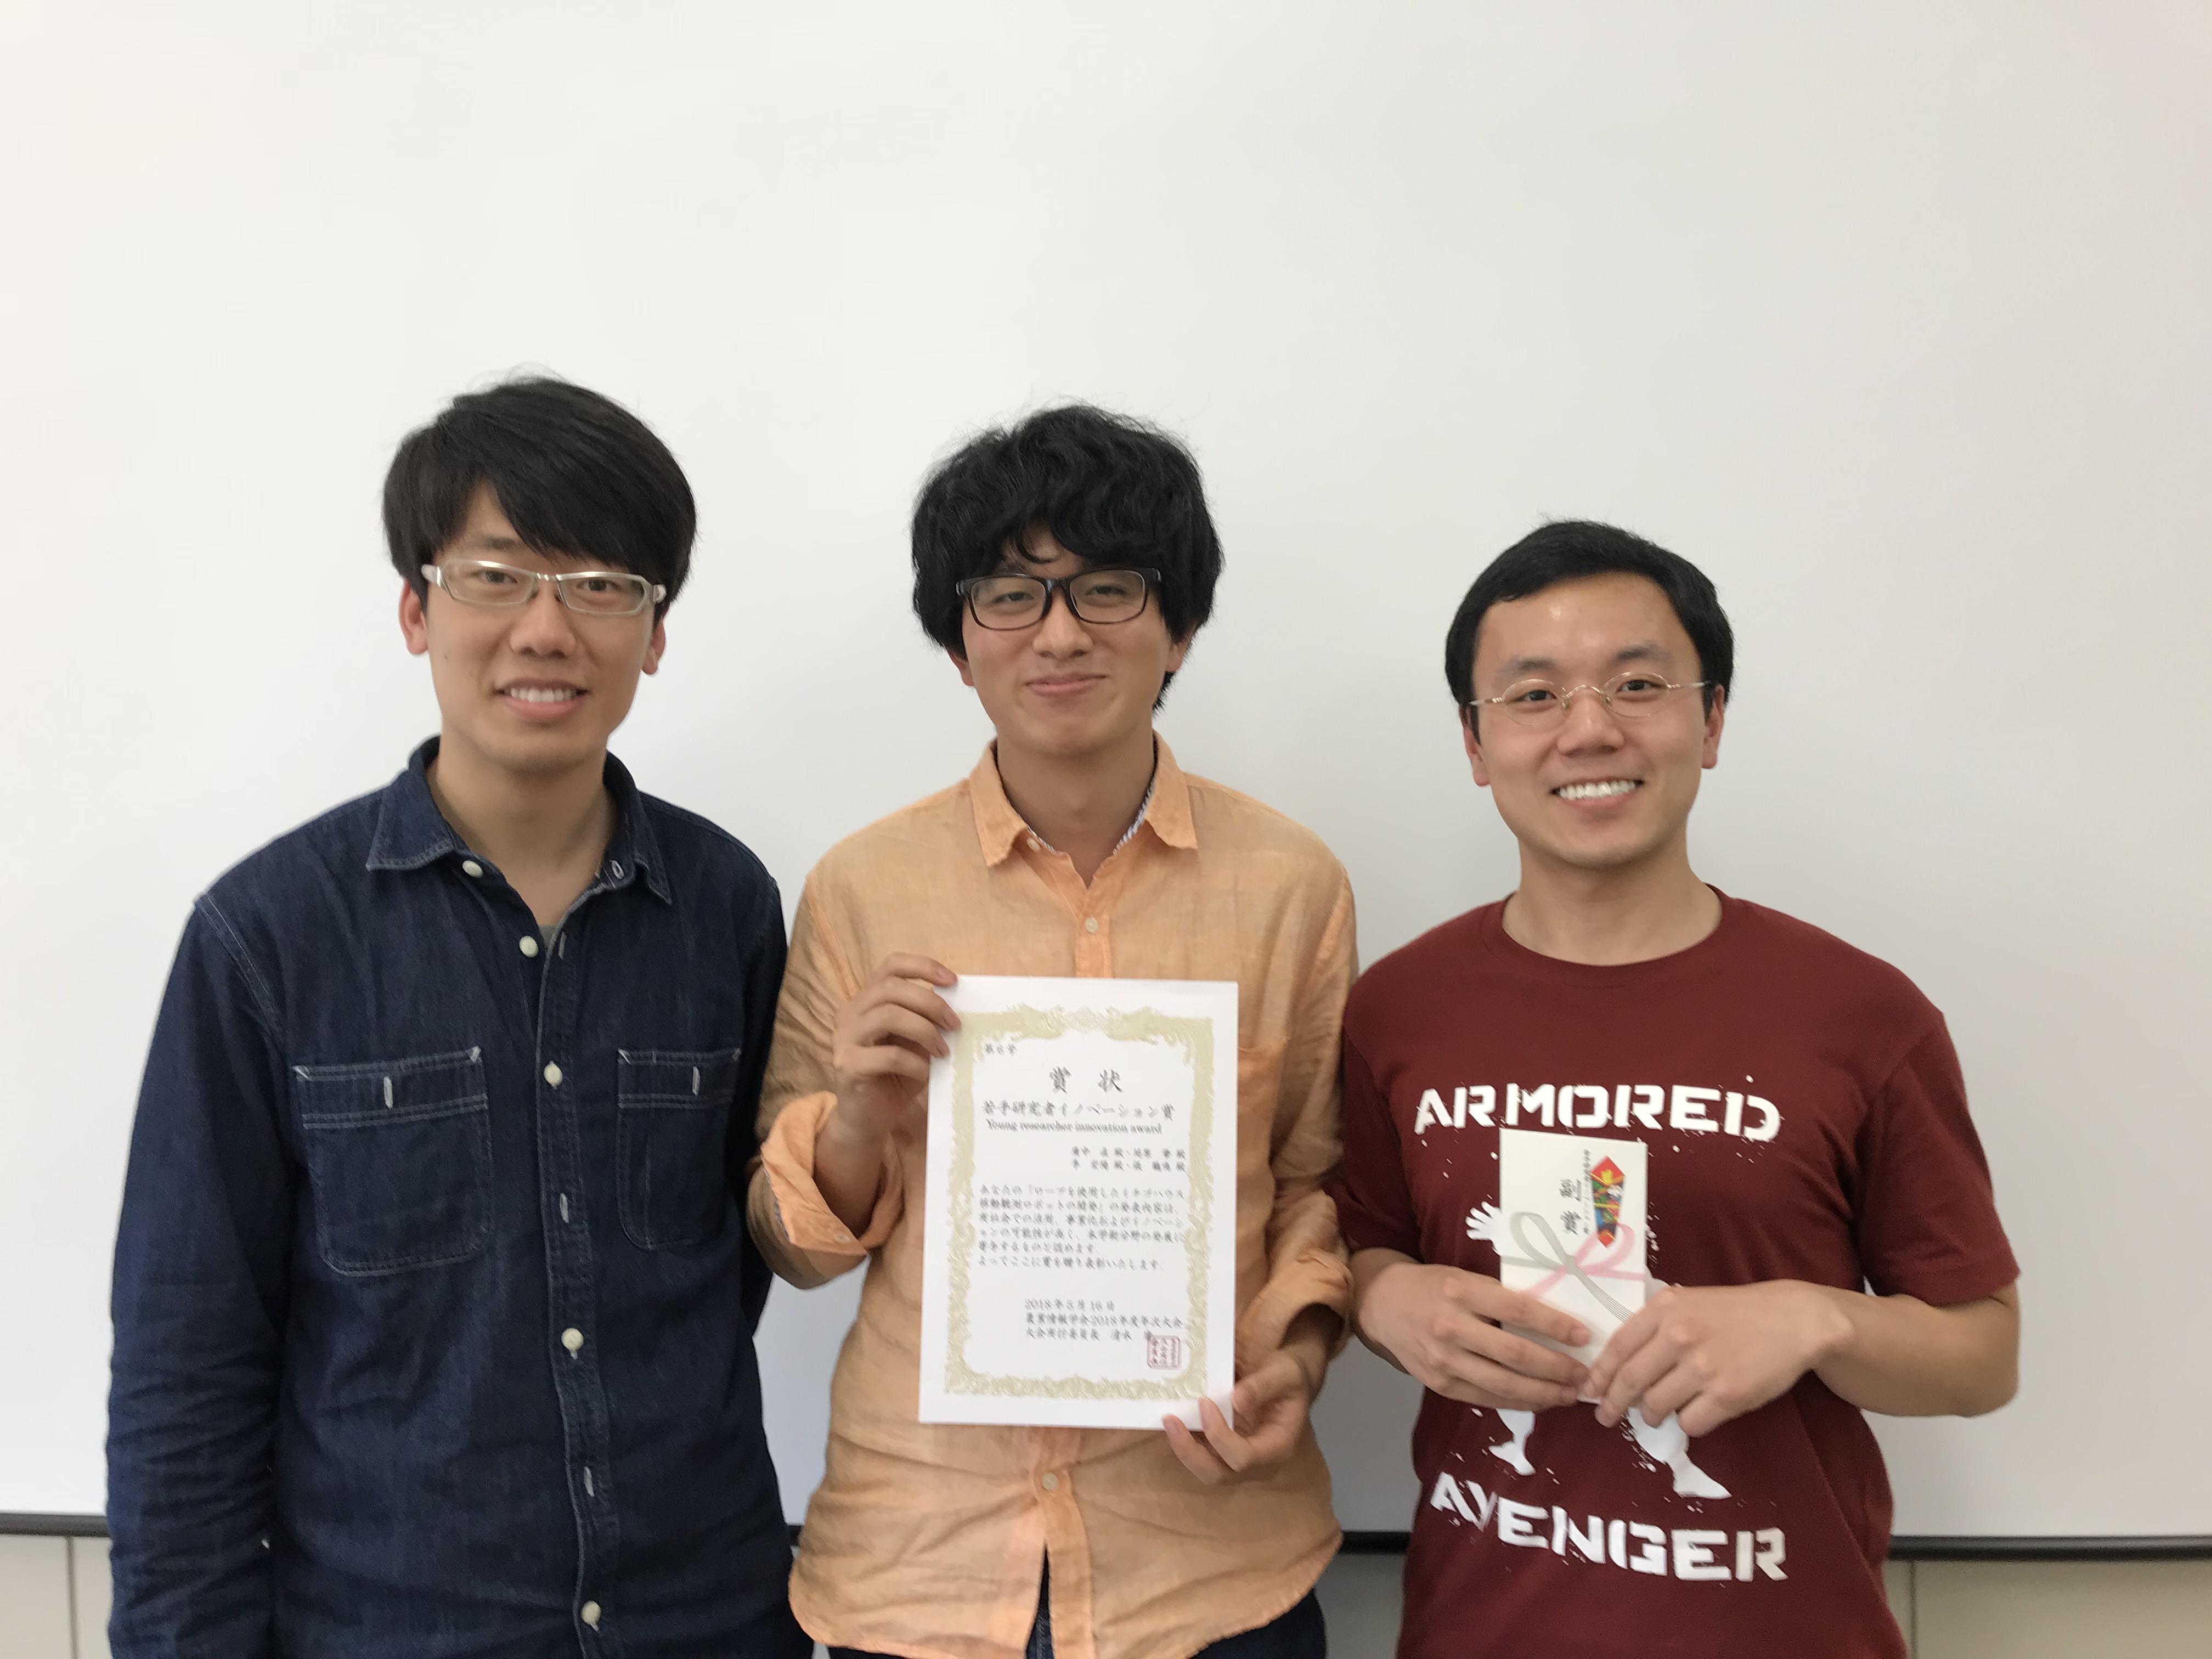 2018年度 農業情報学会 全国大会にて廣中君が受賞